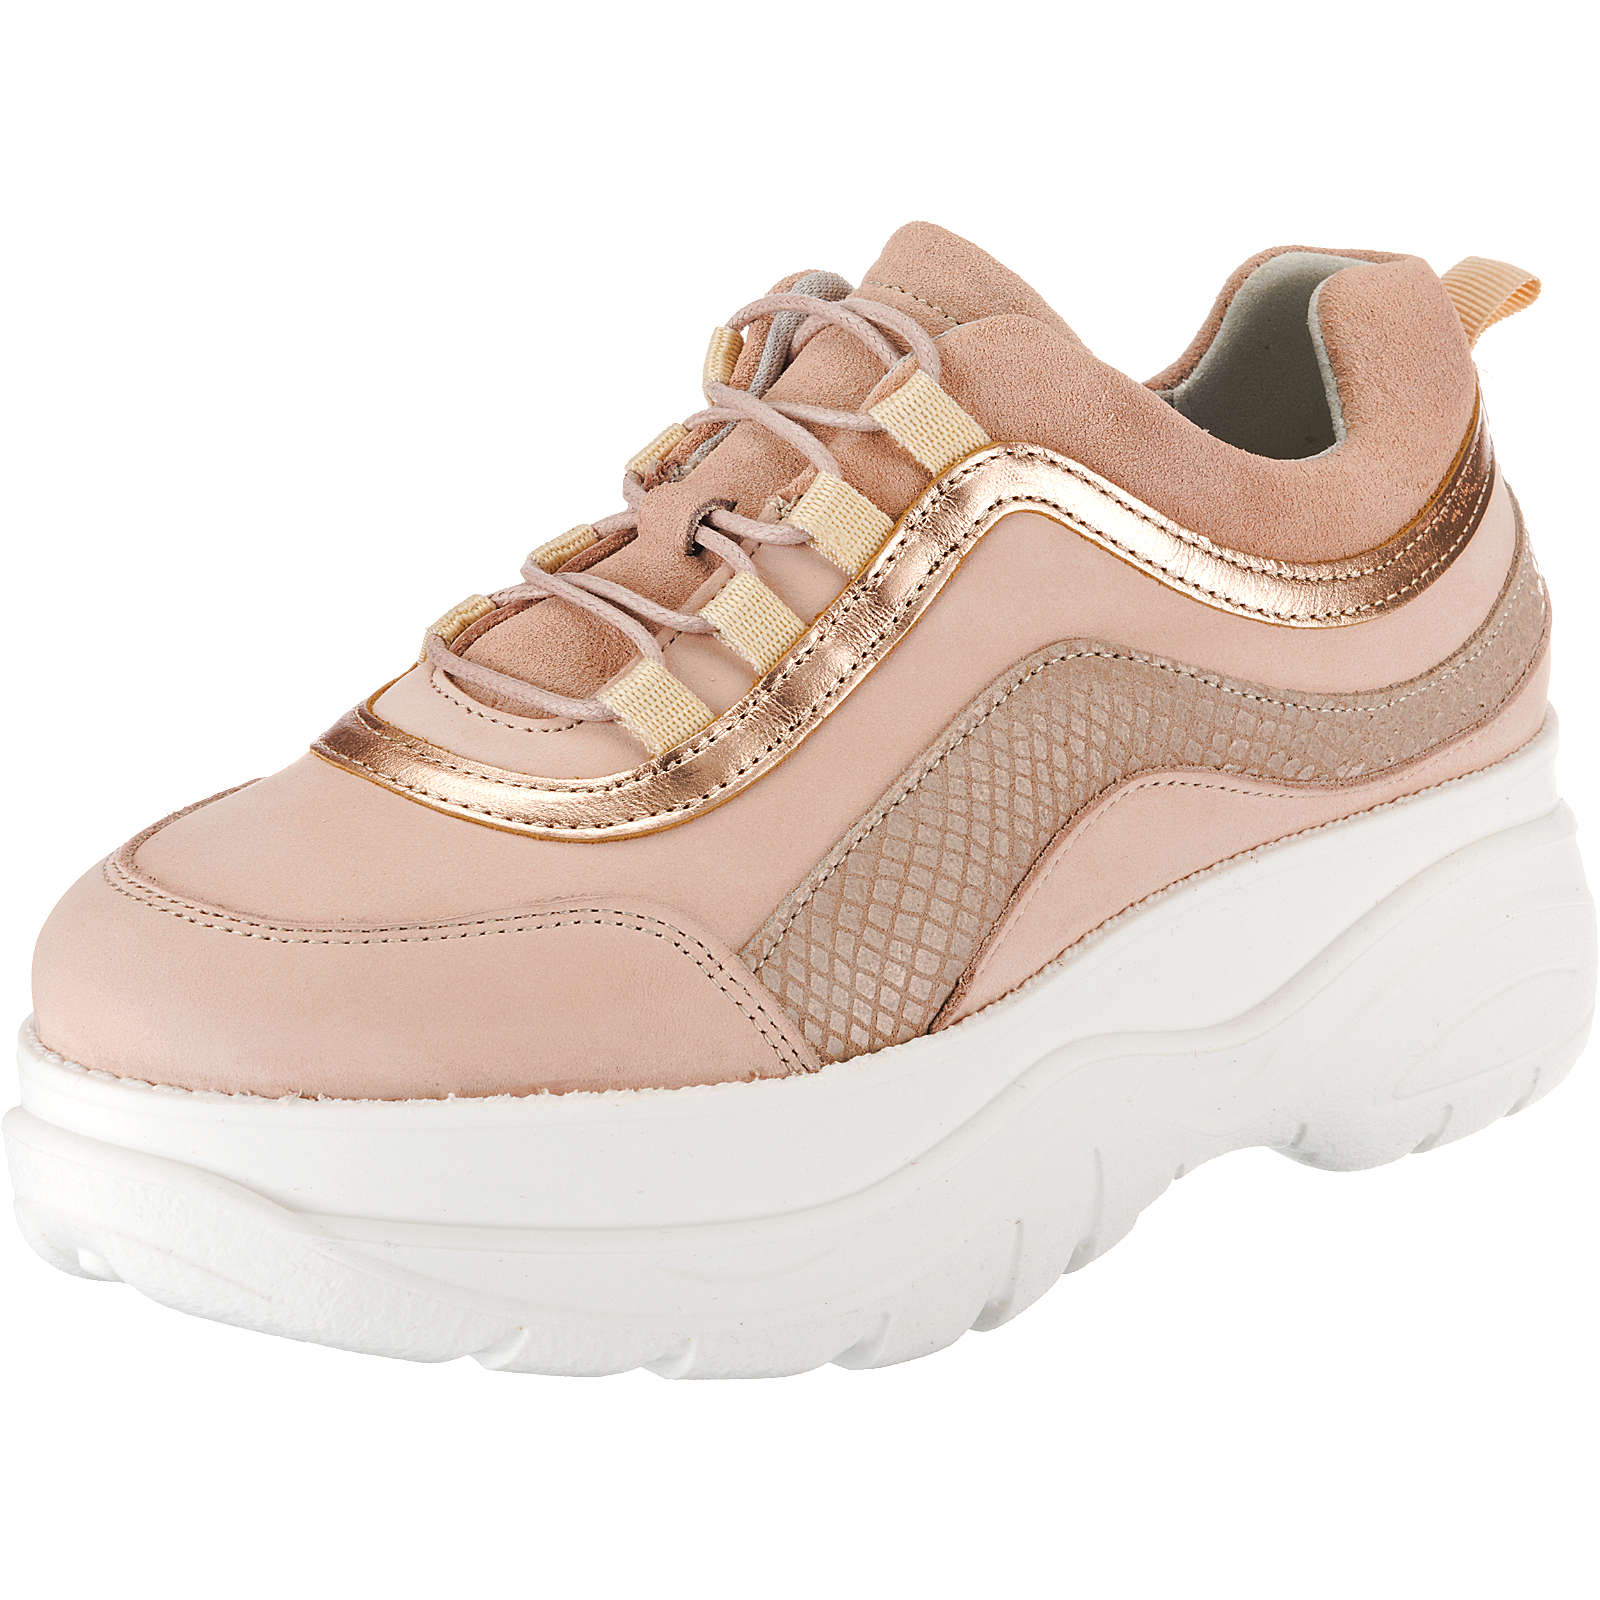 BULLBOXER Sneakers Low rosa Damen Gr. 37